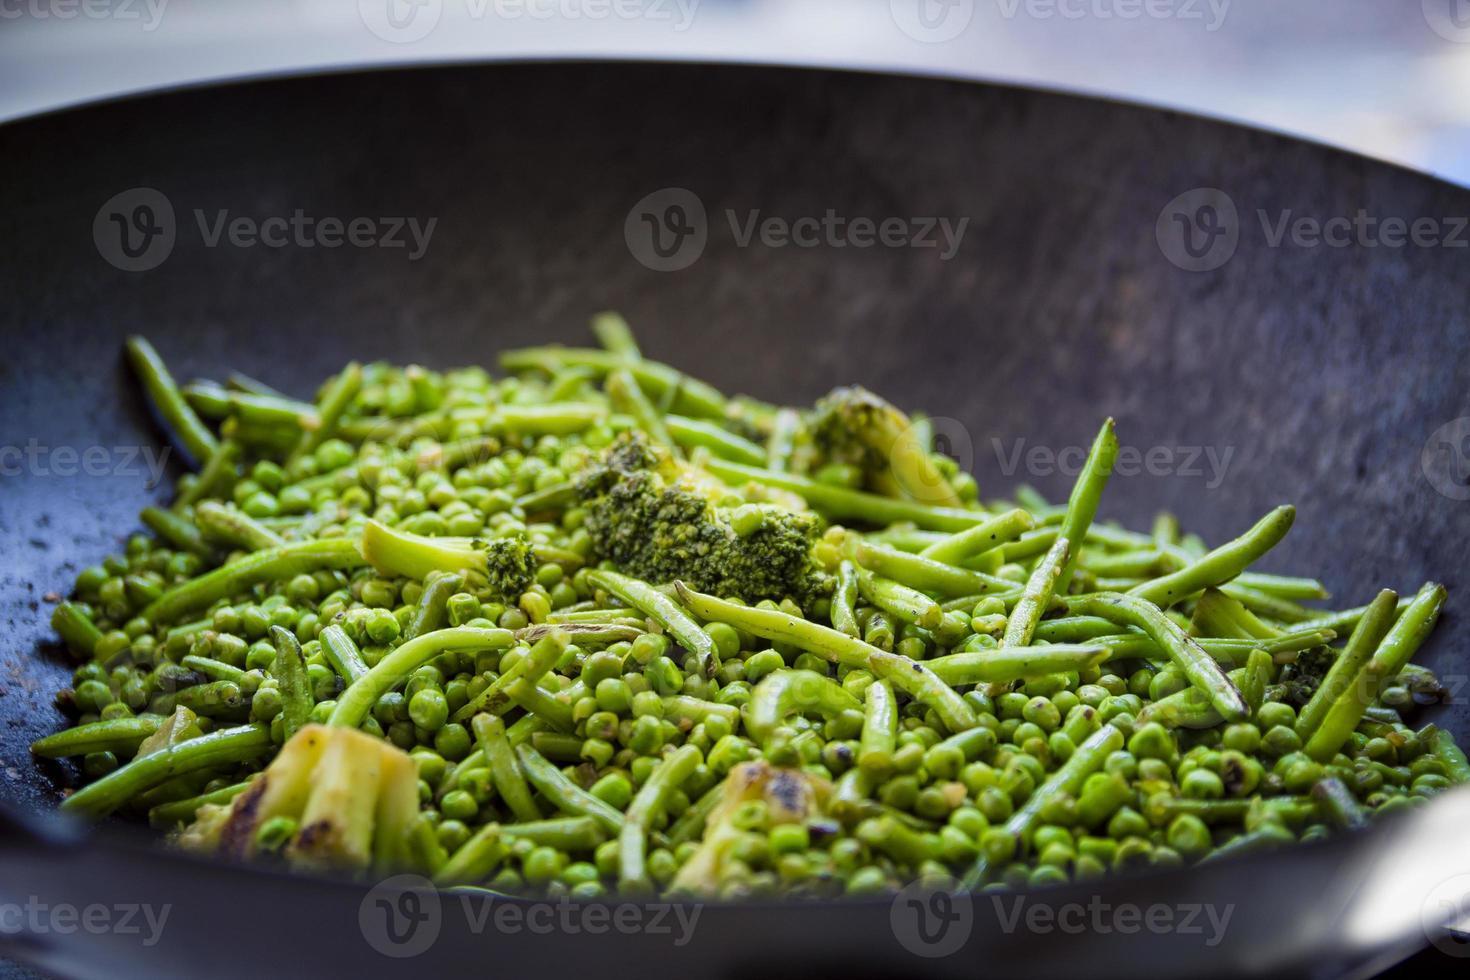 närbild på gröna bönor, broccoli och ärtor tillagas i en stor järnpanna foto